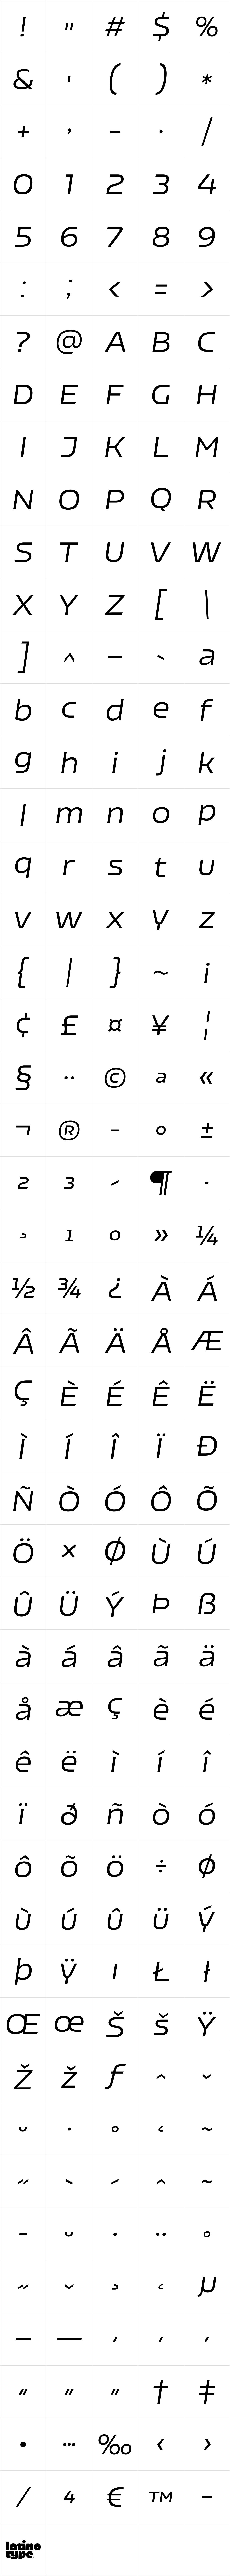 Nizzoli Regular Italic